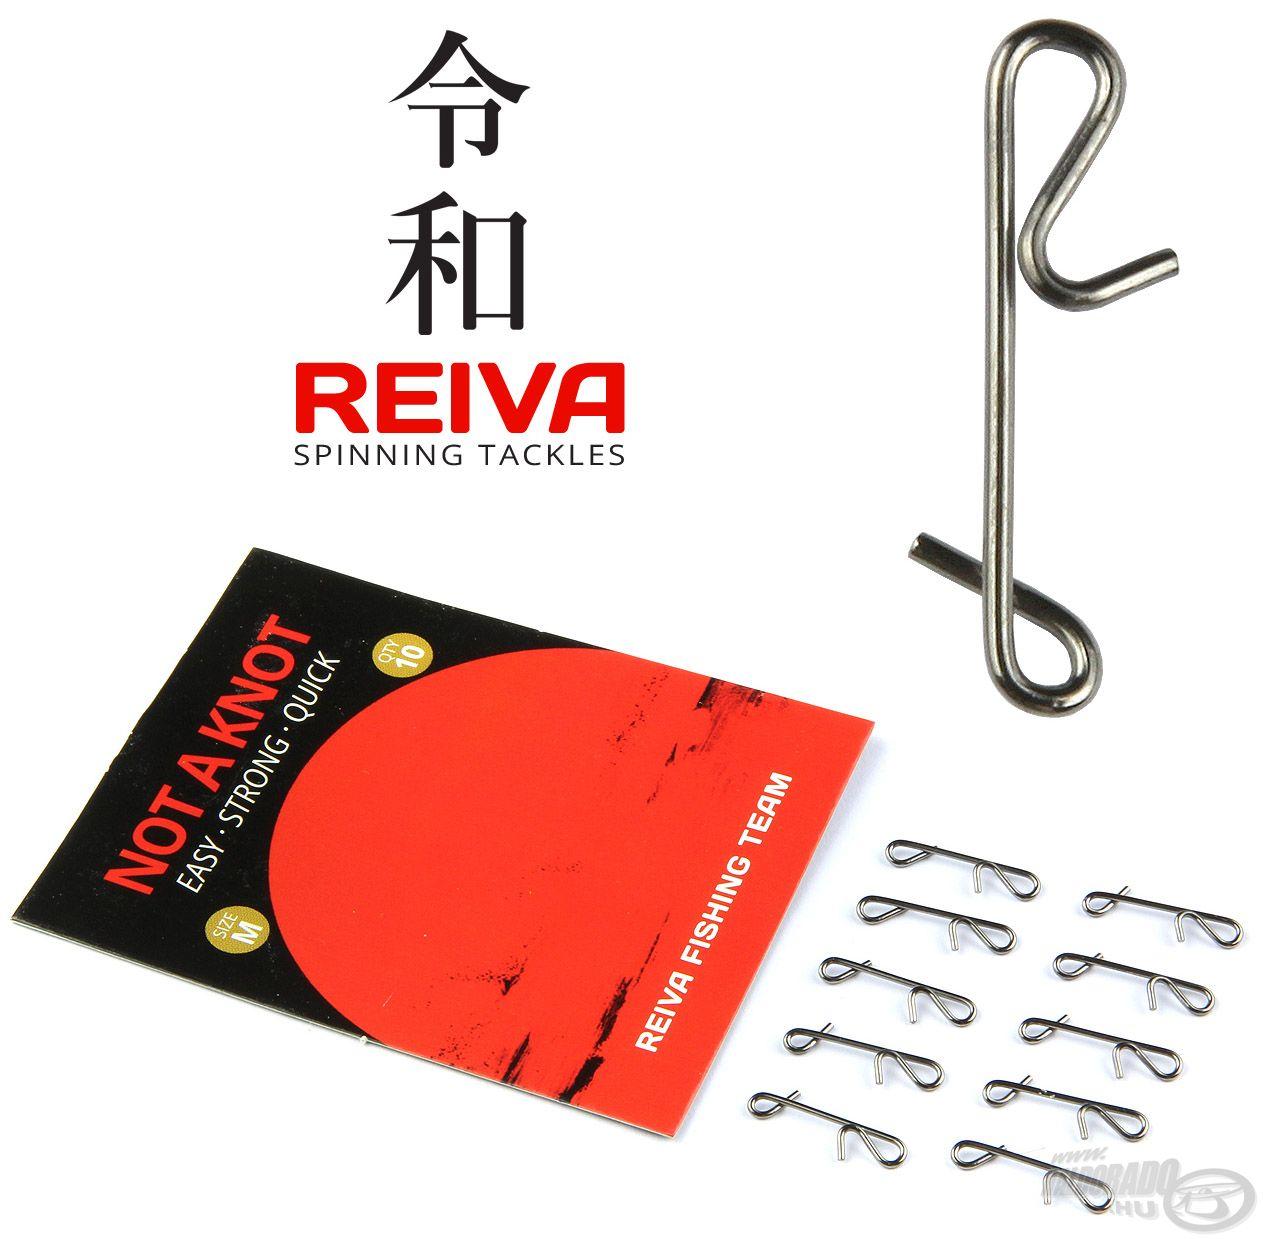 Reiva Not a Knot kapocs